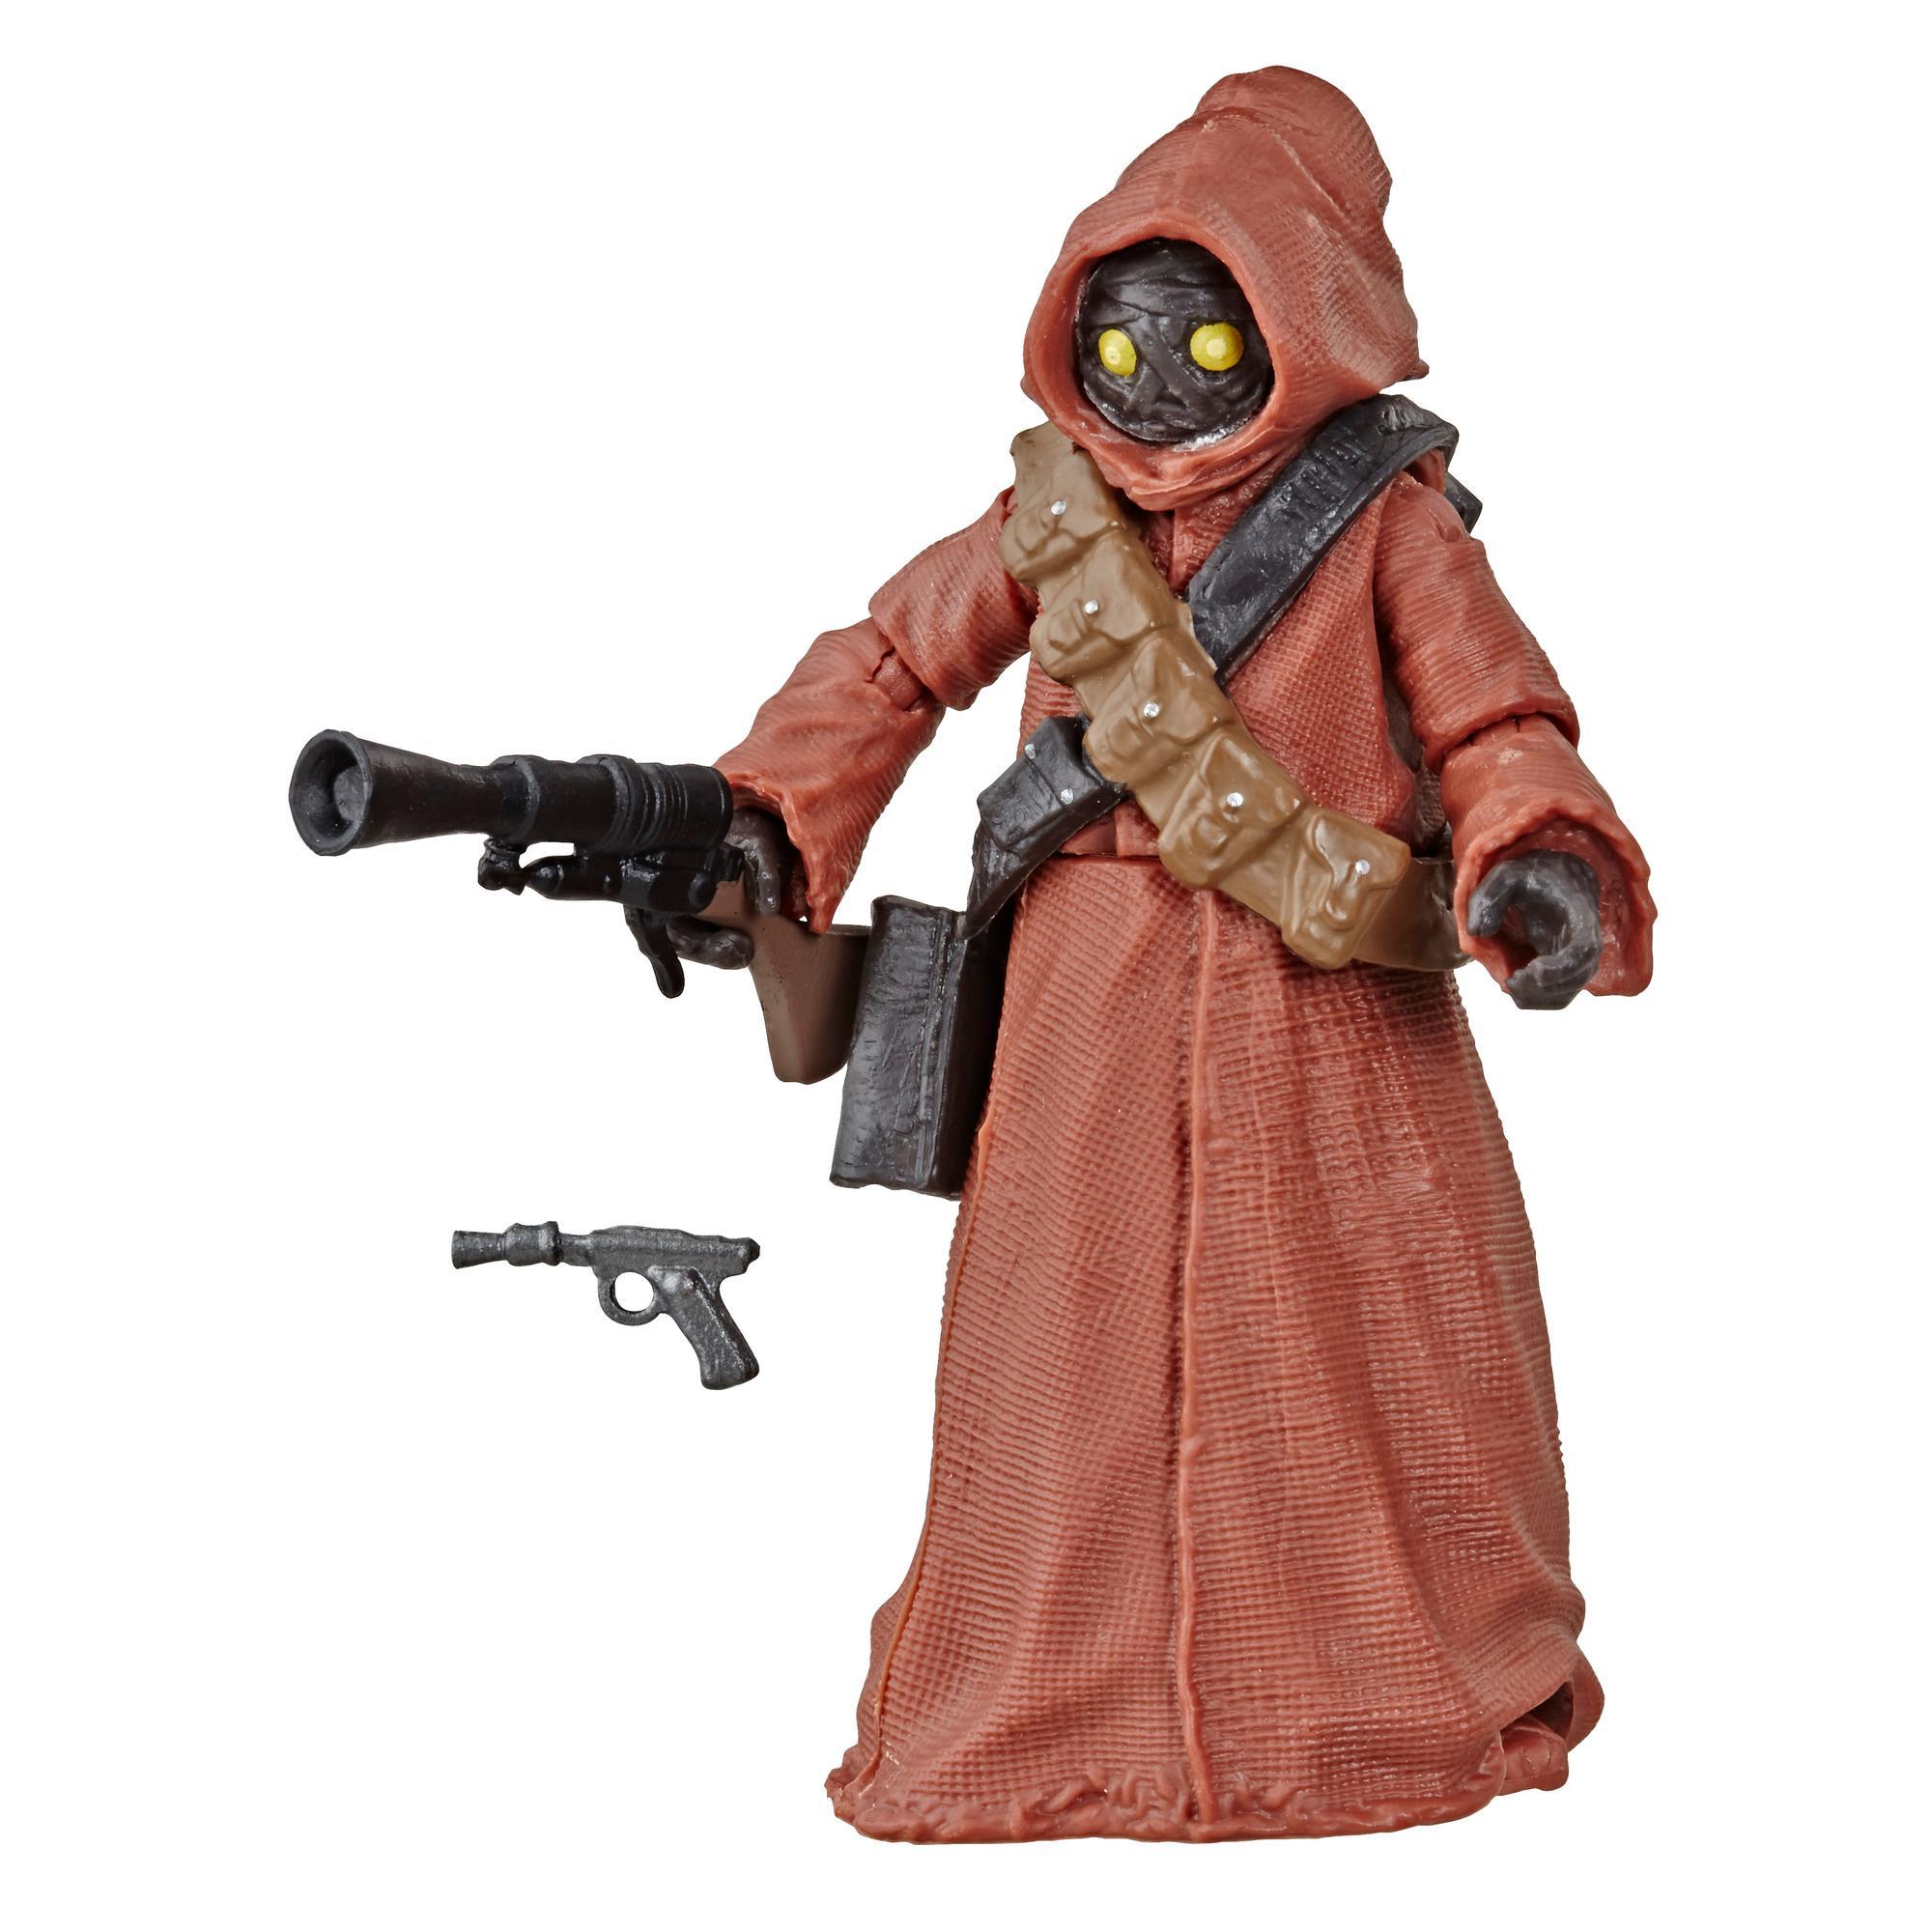 Star Wars The Vintage Collection, Star Wars : Un nouvel espoir, figurine articulée de Jawa de 9,5 cm, à partir de 4 ans